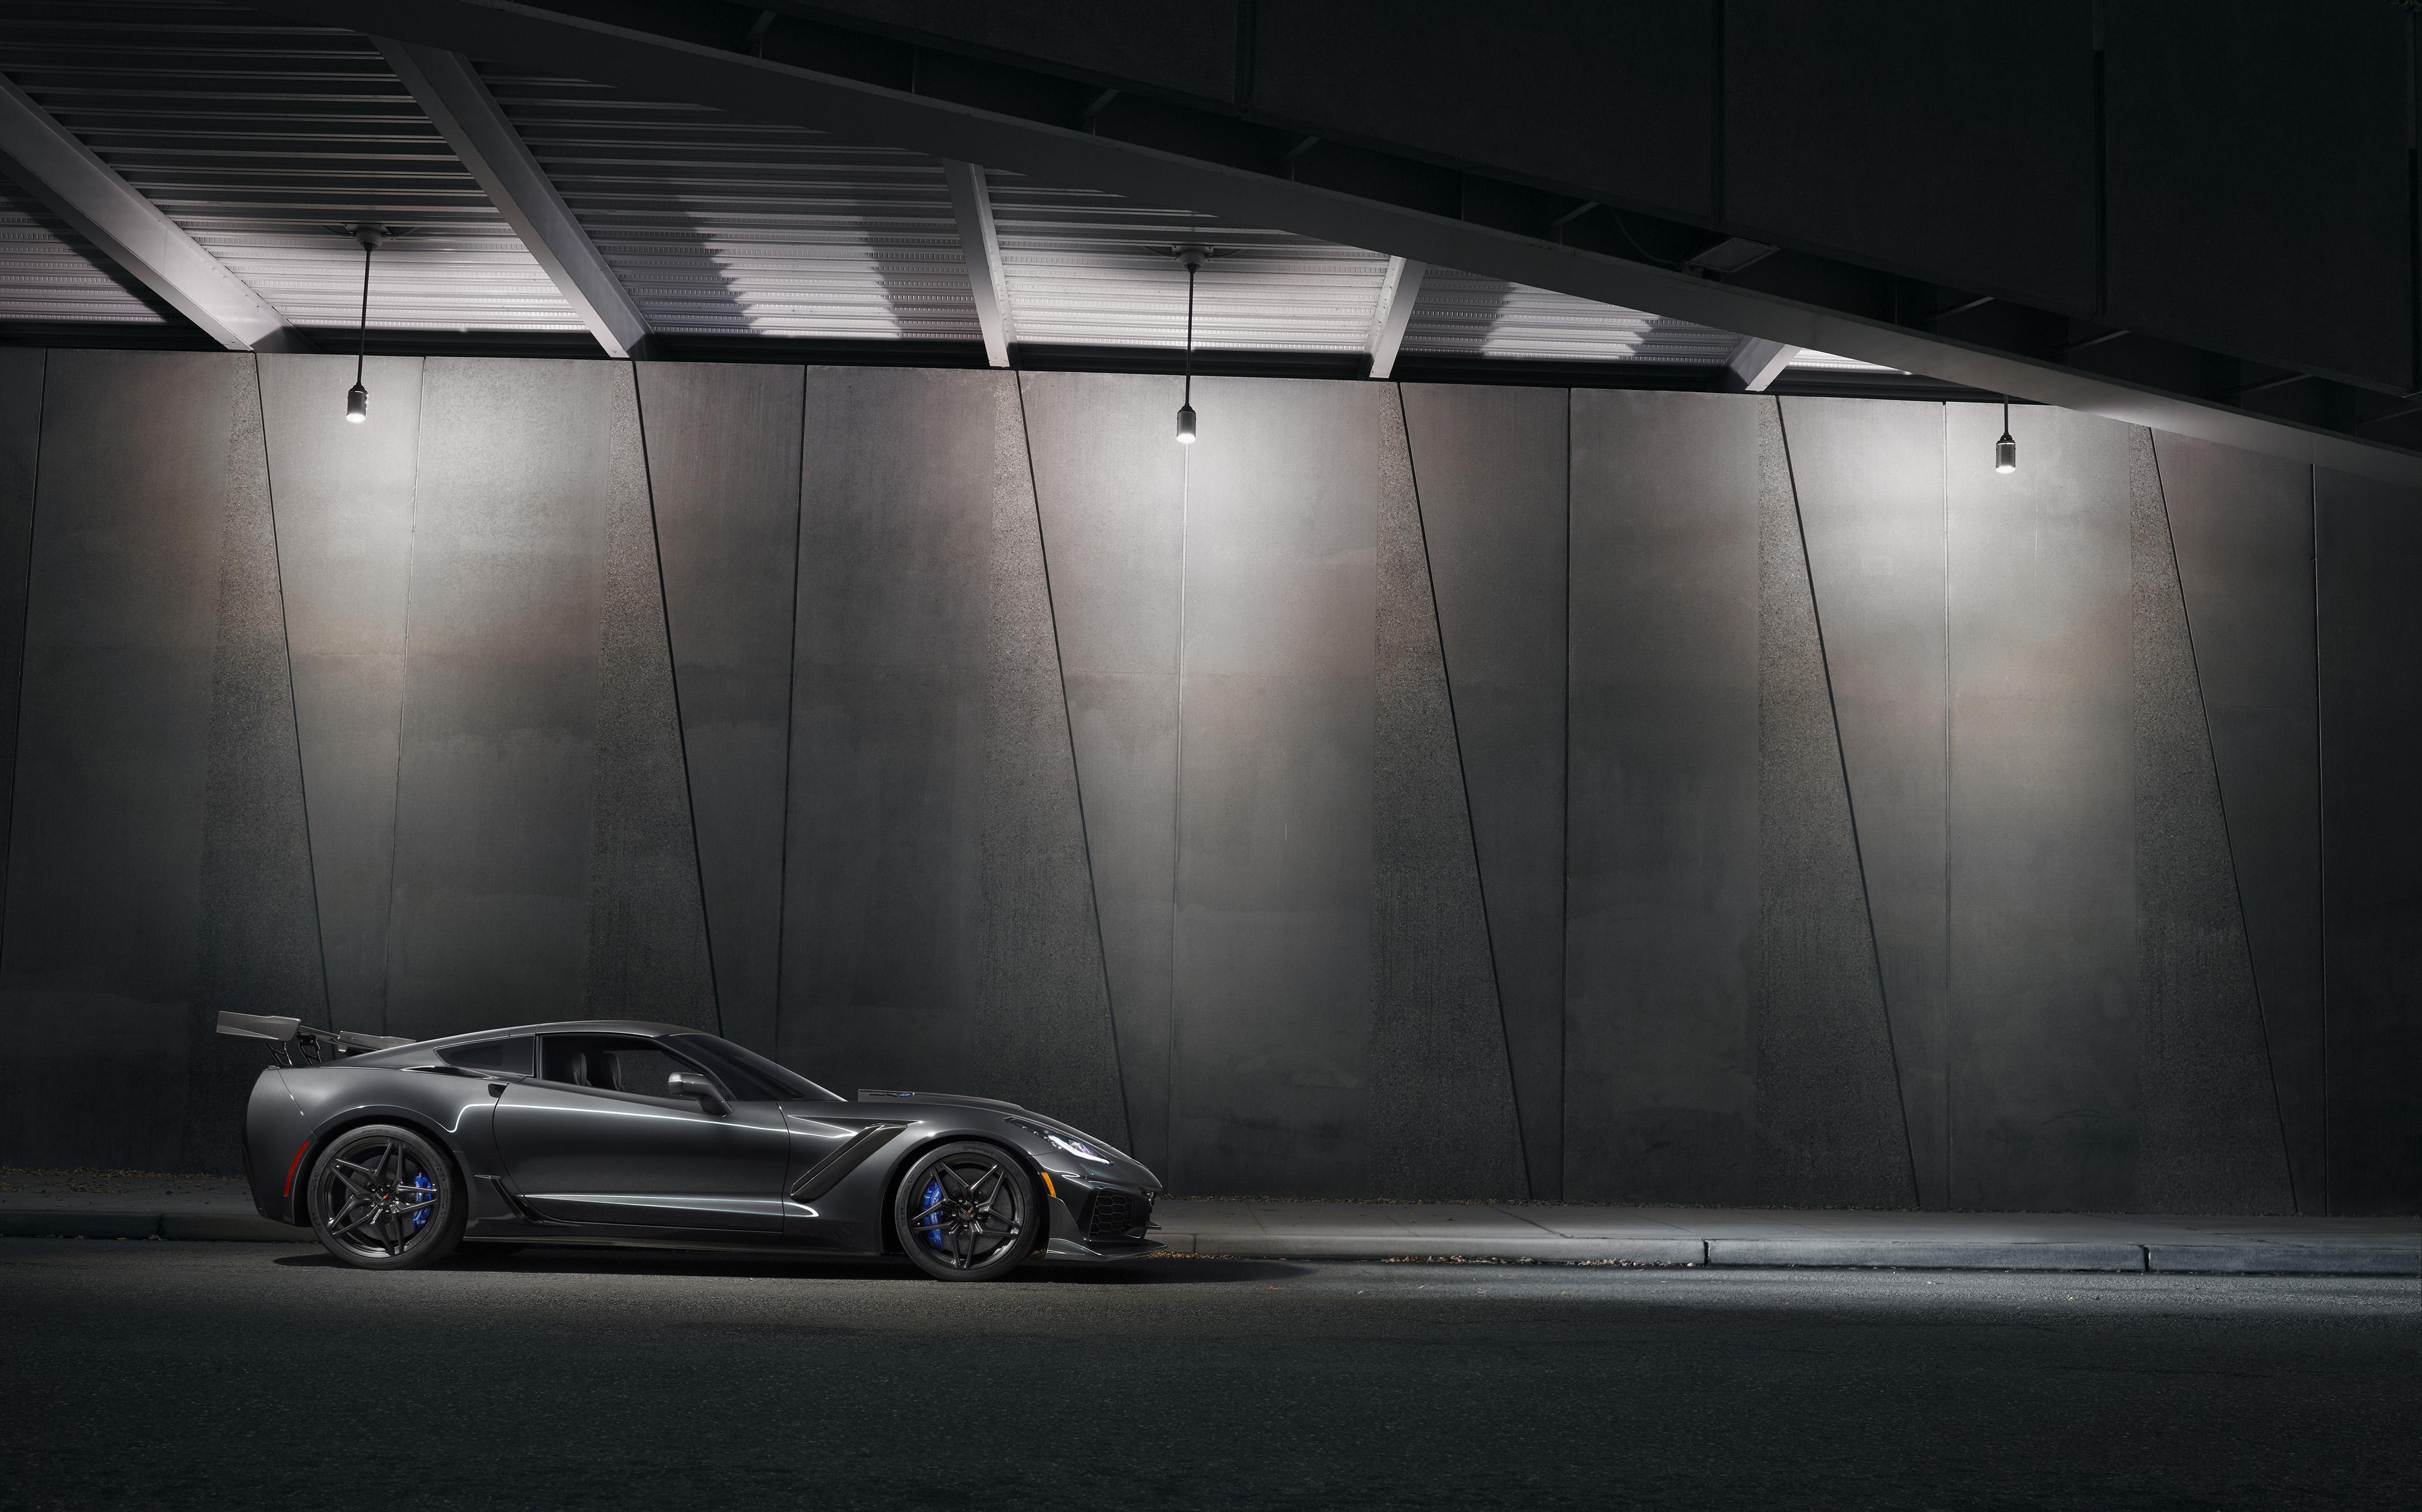 corvette c7 z06 wallpaper